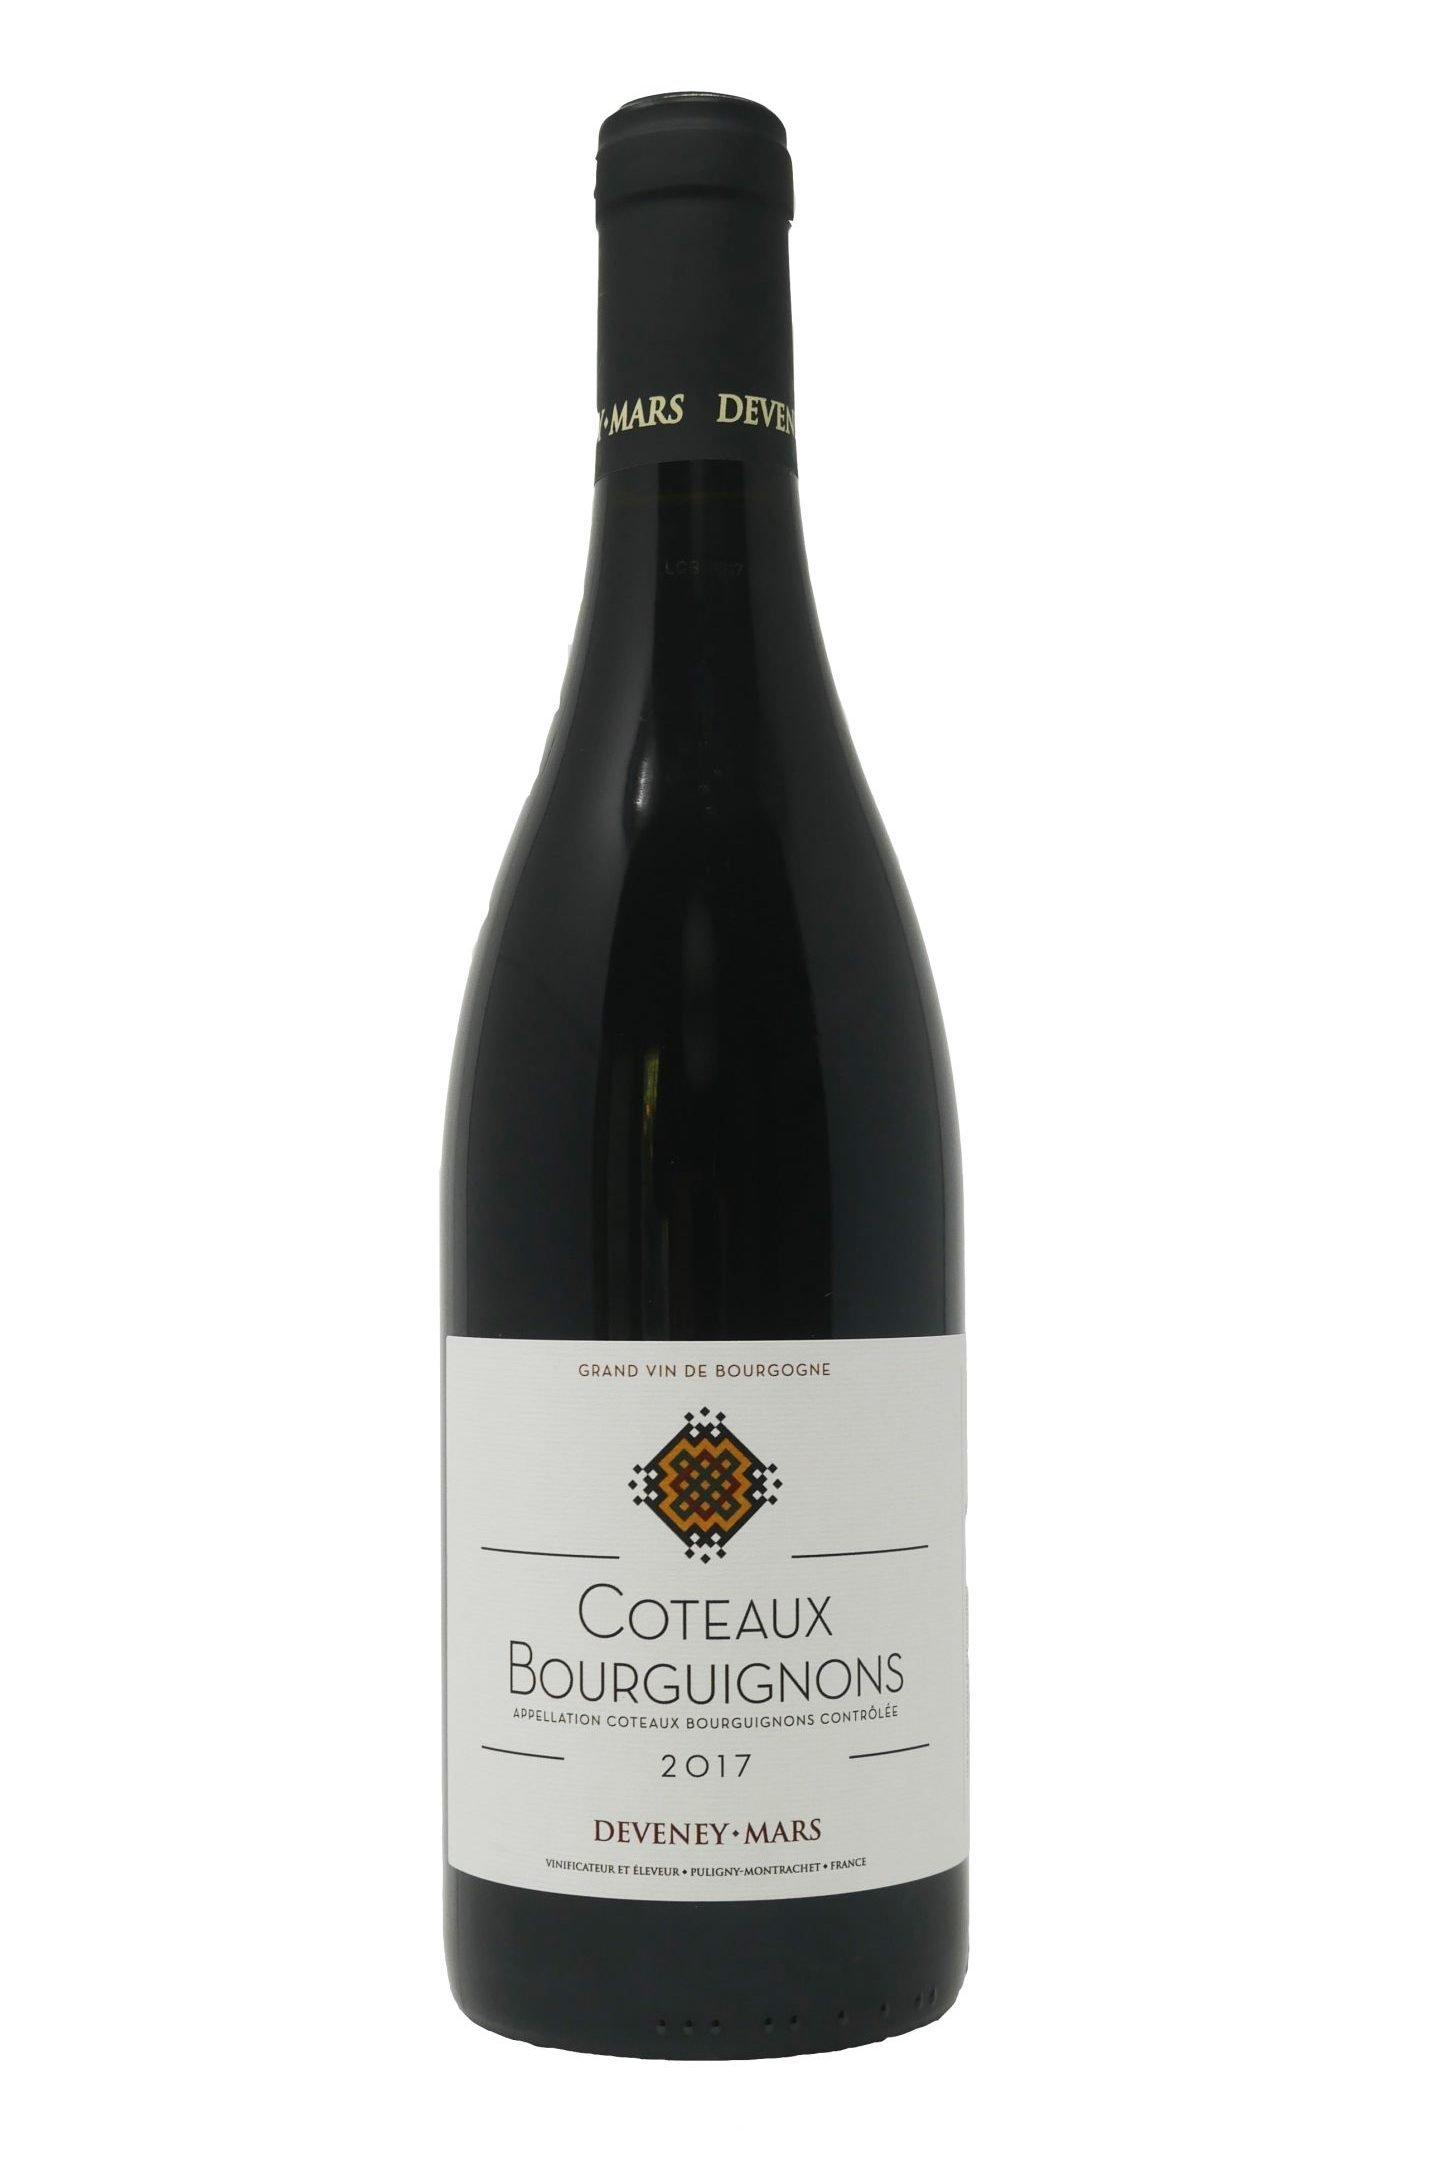 Domaine Deveney-Mars Coteaux Bourguignons